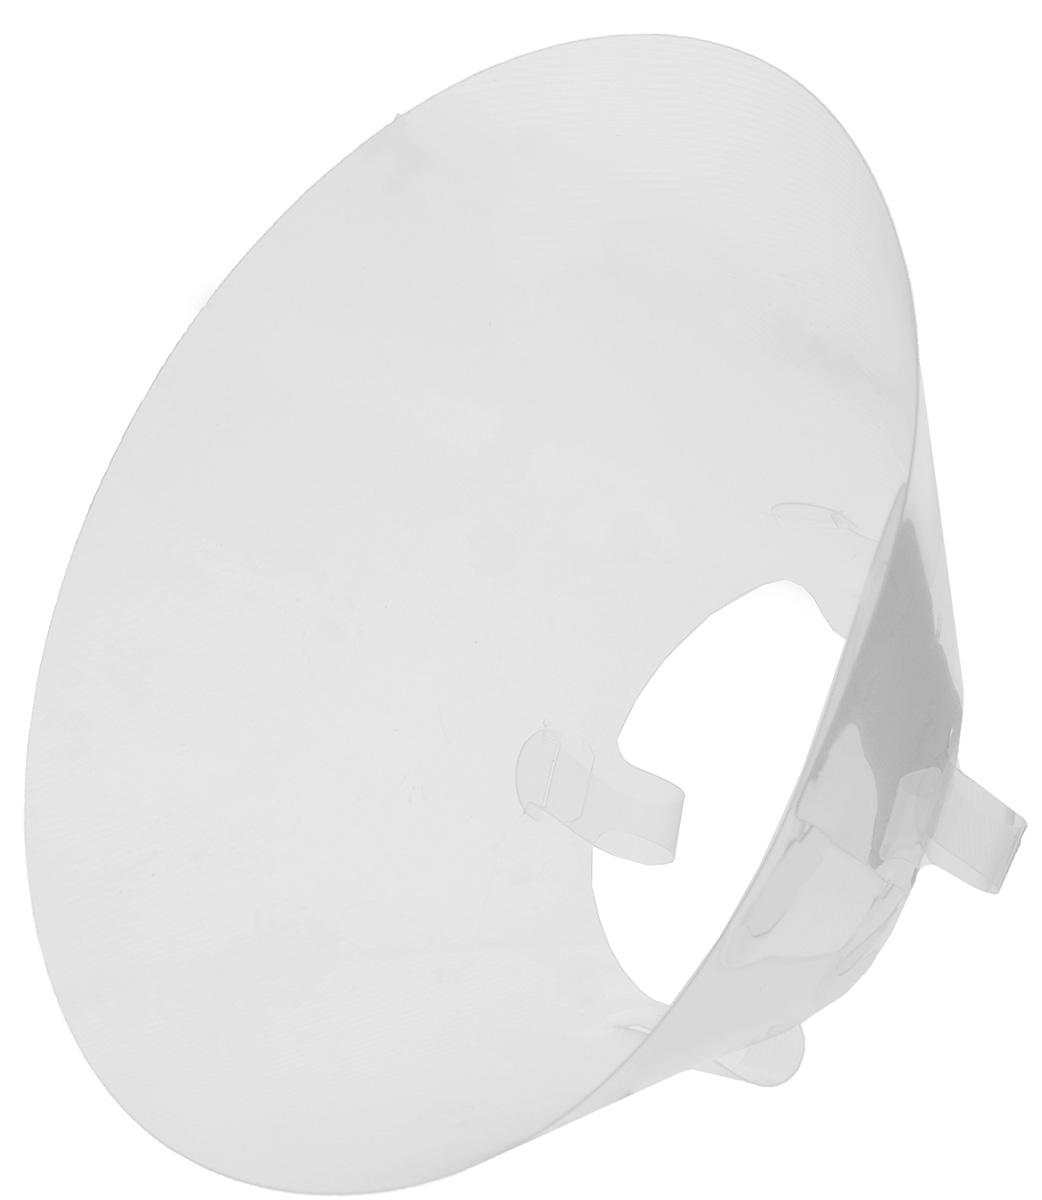 Защитный воротник для животных Kruuse Buster, высота 30 см. 140850120710Защитный воротник Kruuse Buster изготовлен из высококачественного нетоксичного пластика, который позволяет сохранять углы обзора для животного. Изделие разработано для ограничения доступа собаки к заживающей ране или послеоперационному шву. Простота в эксплуатации позволяет хозяевам самостоятельно одевать и снимать защитный воротник с собаки. Подходит для собак крупных пород.Обхват шеи: 15-18 см.Высота воротника: 30 см.